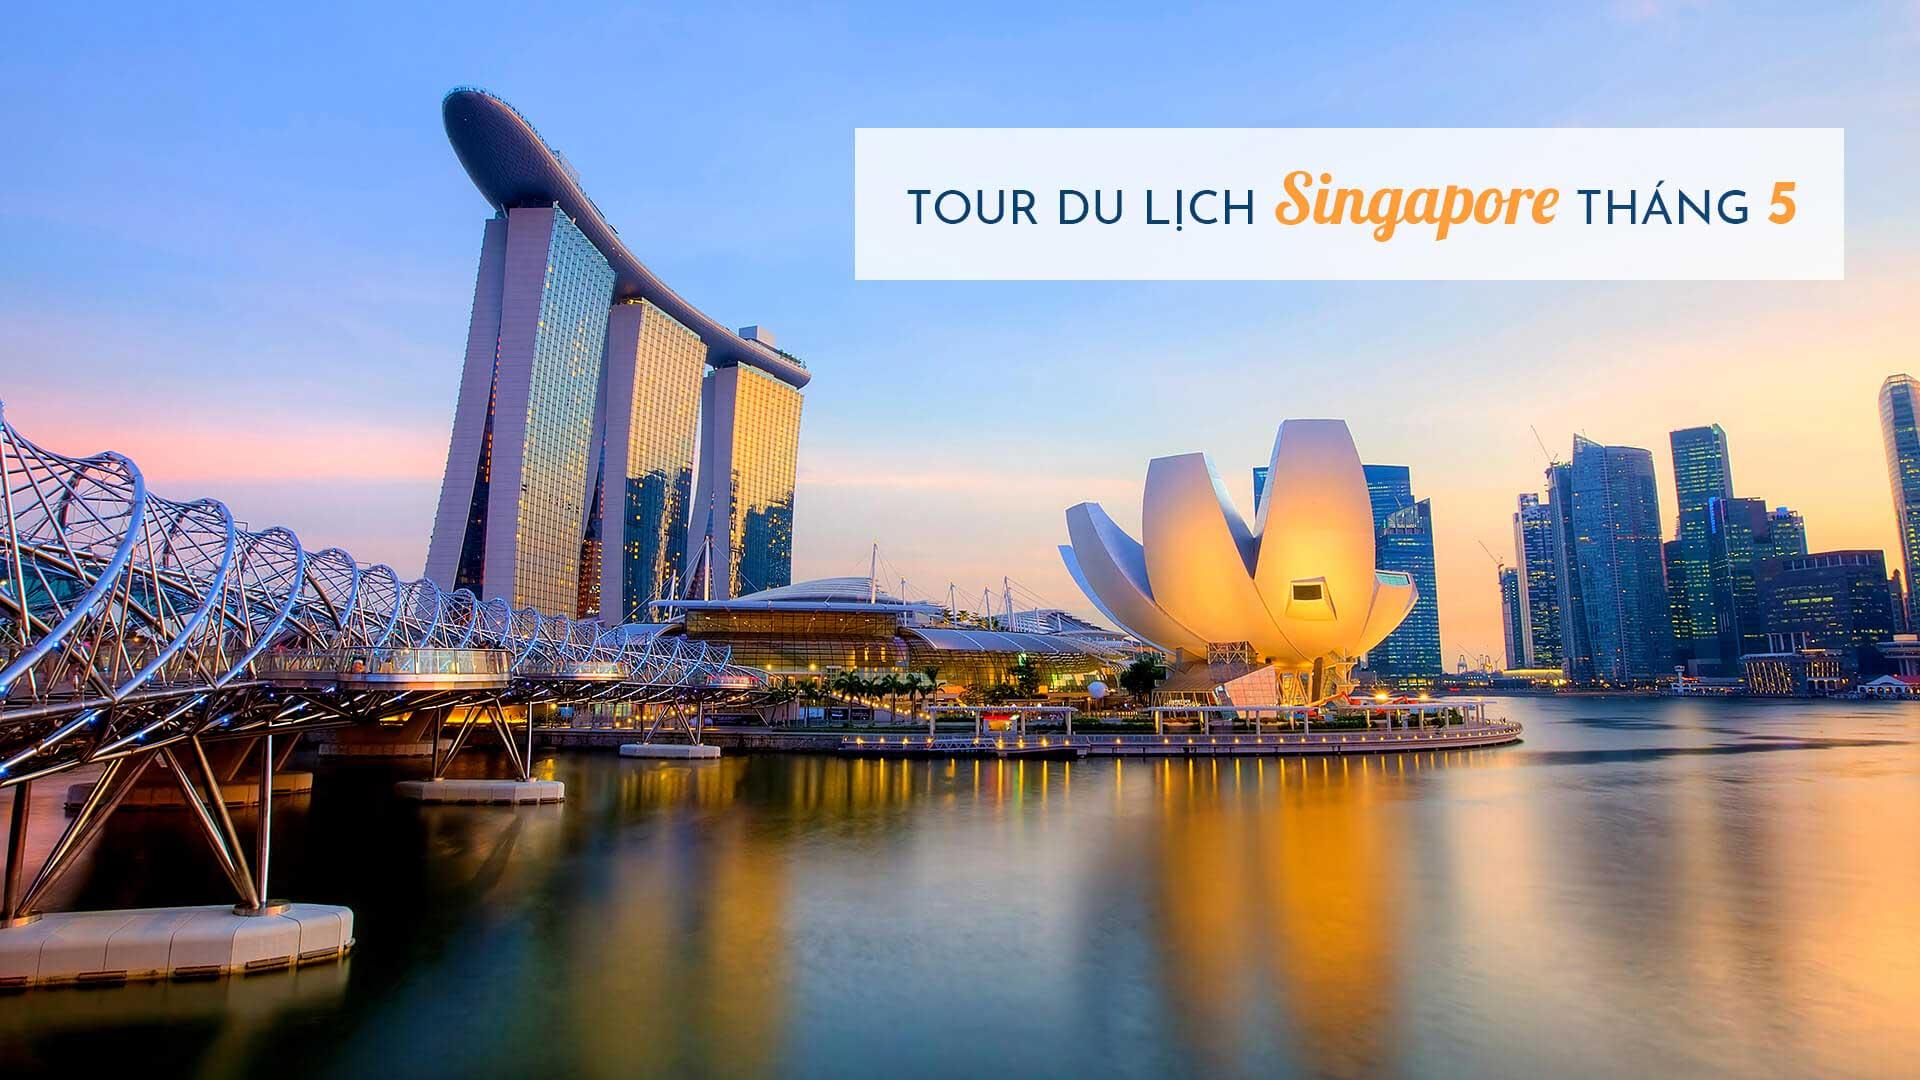 Cẩm nang tour du lịch Singapore tháng 5 cho người đi lần đầu